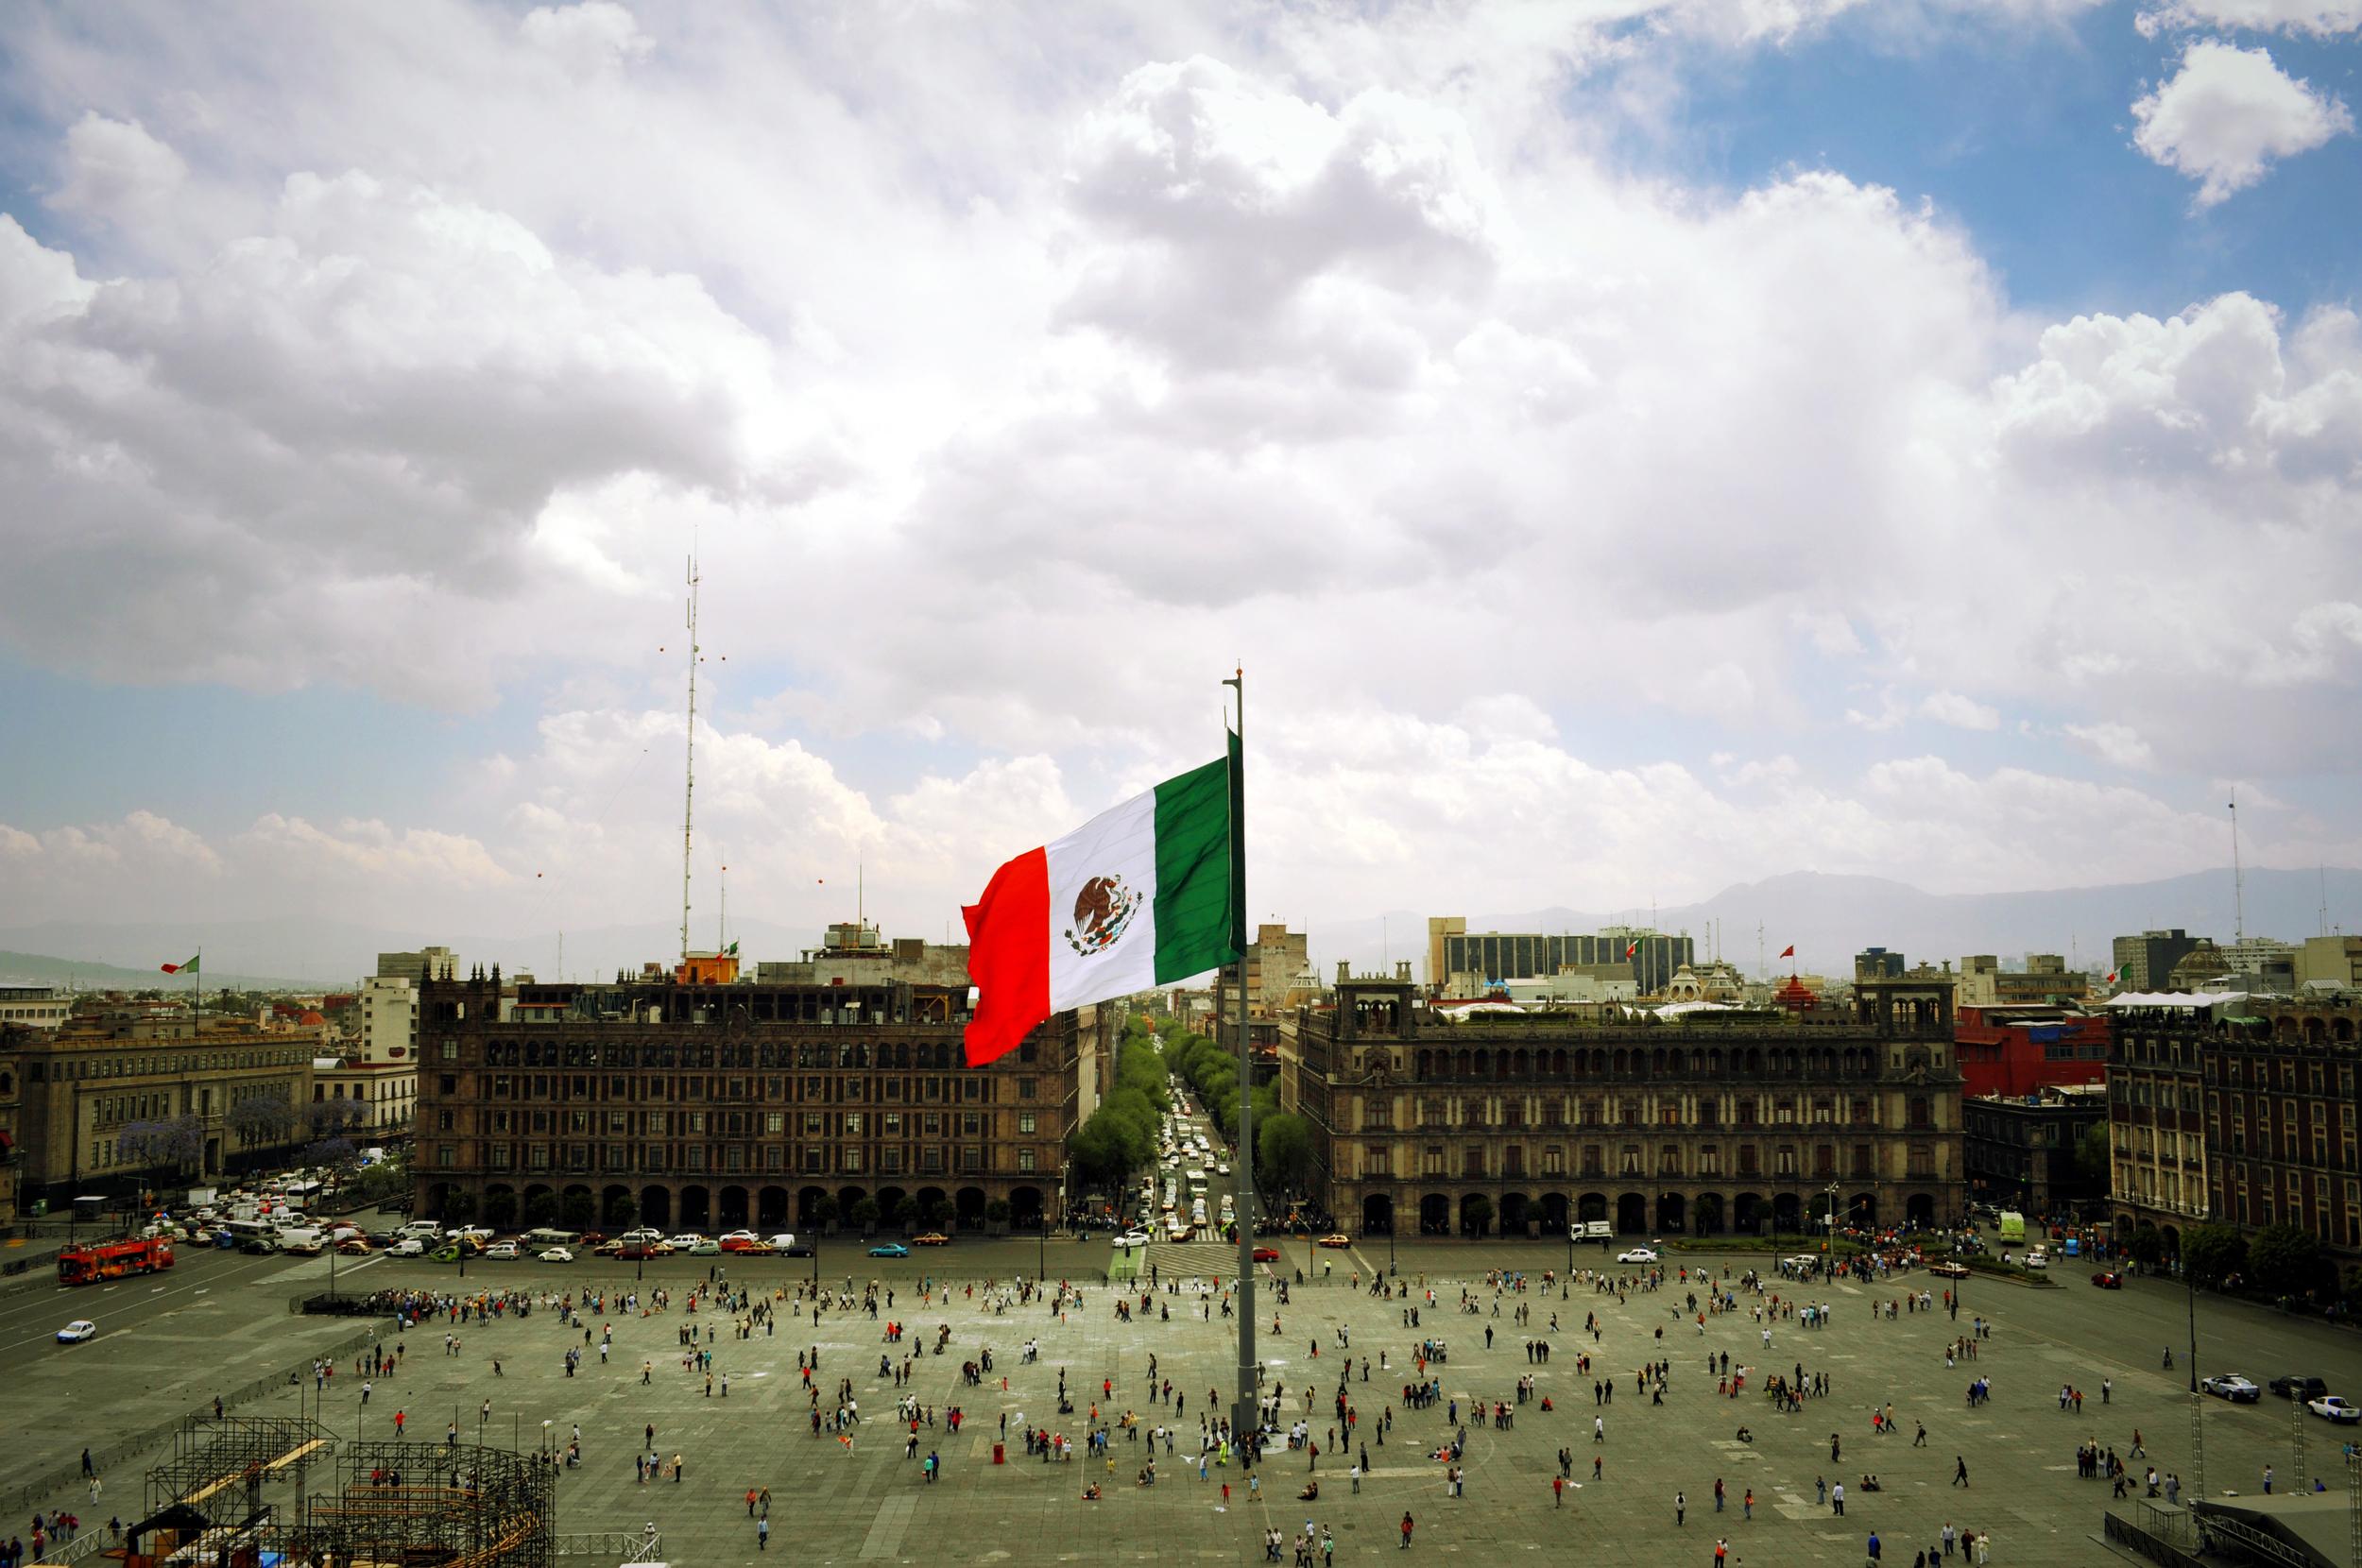 Heart of Mexico City